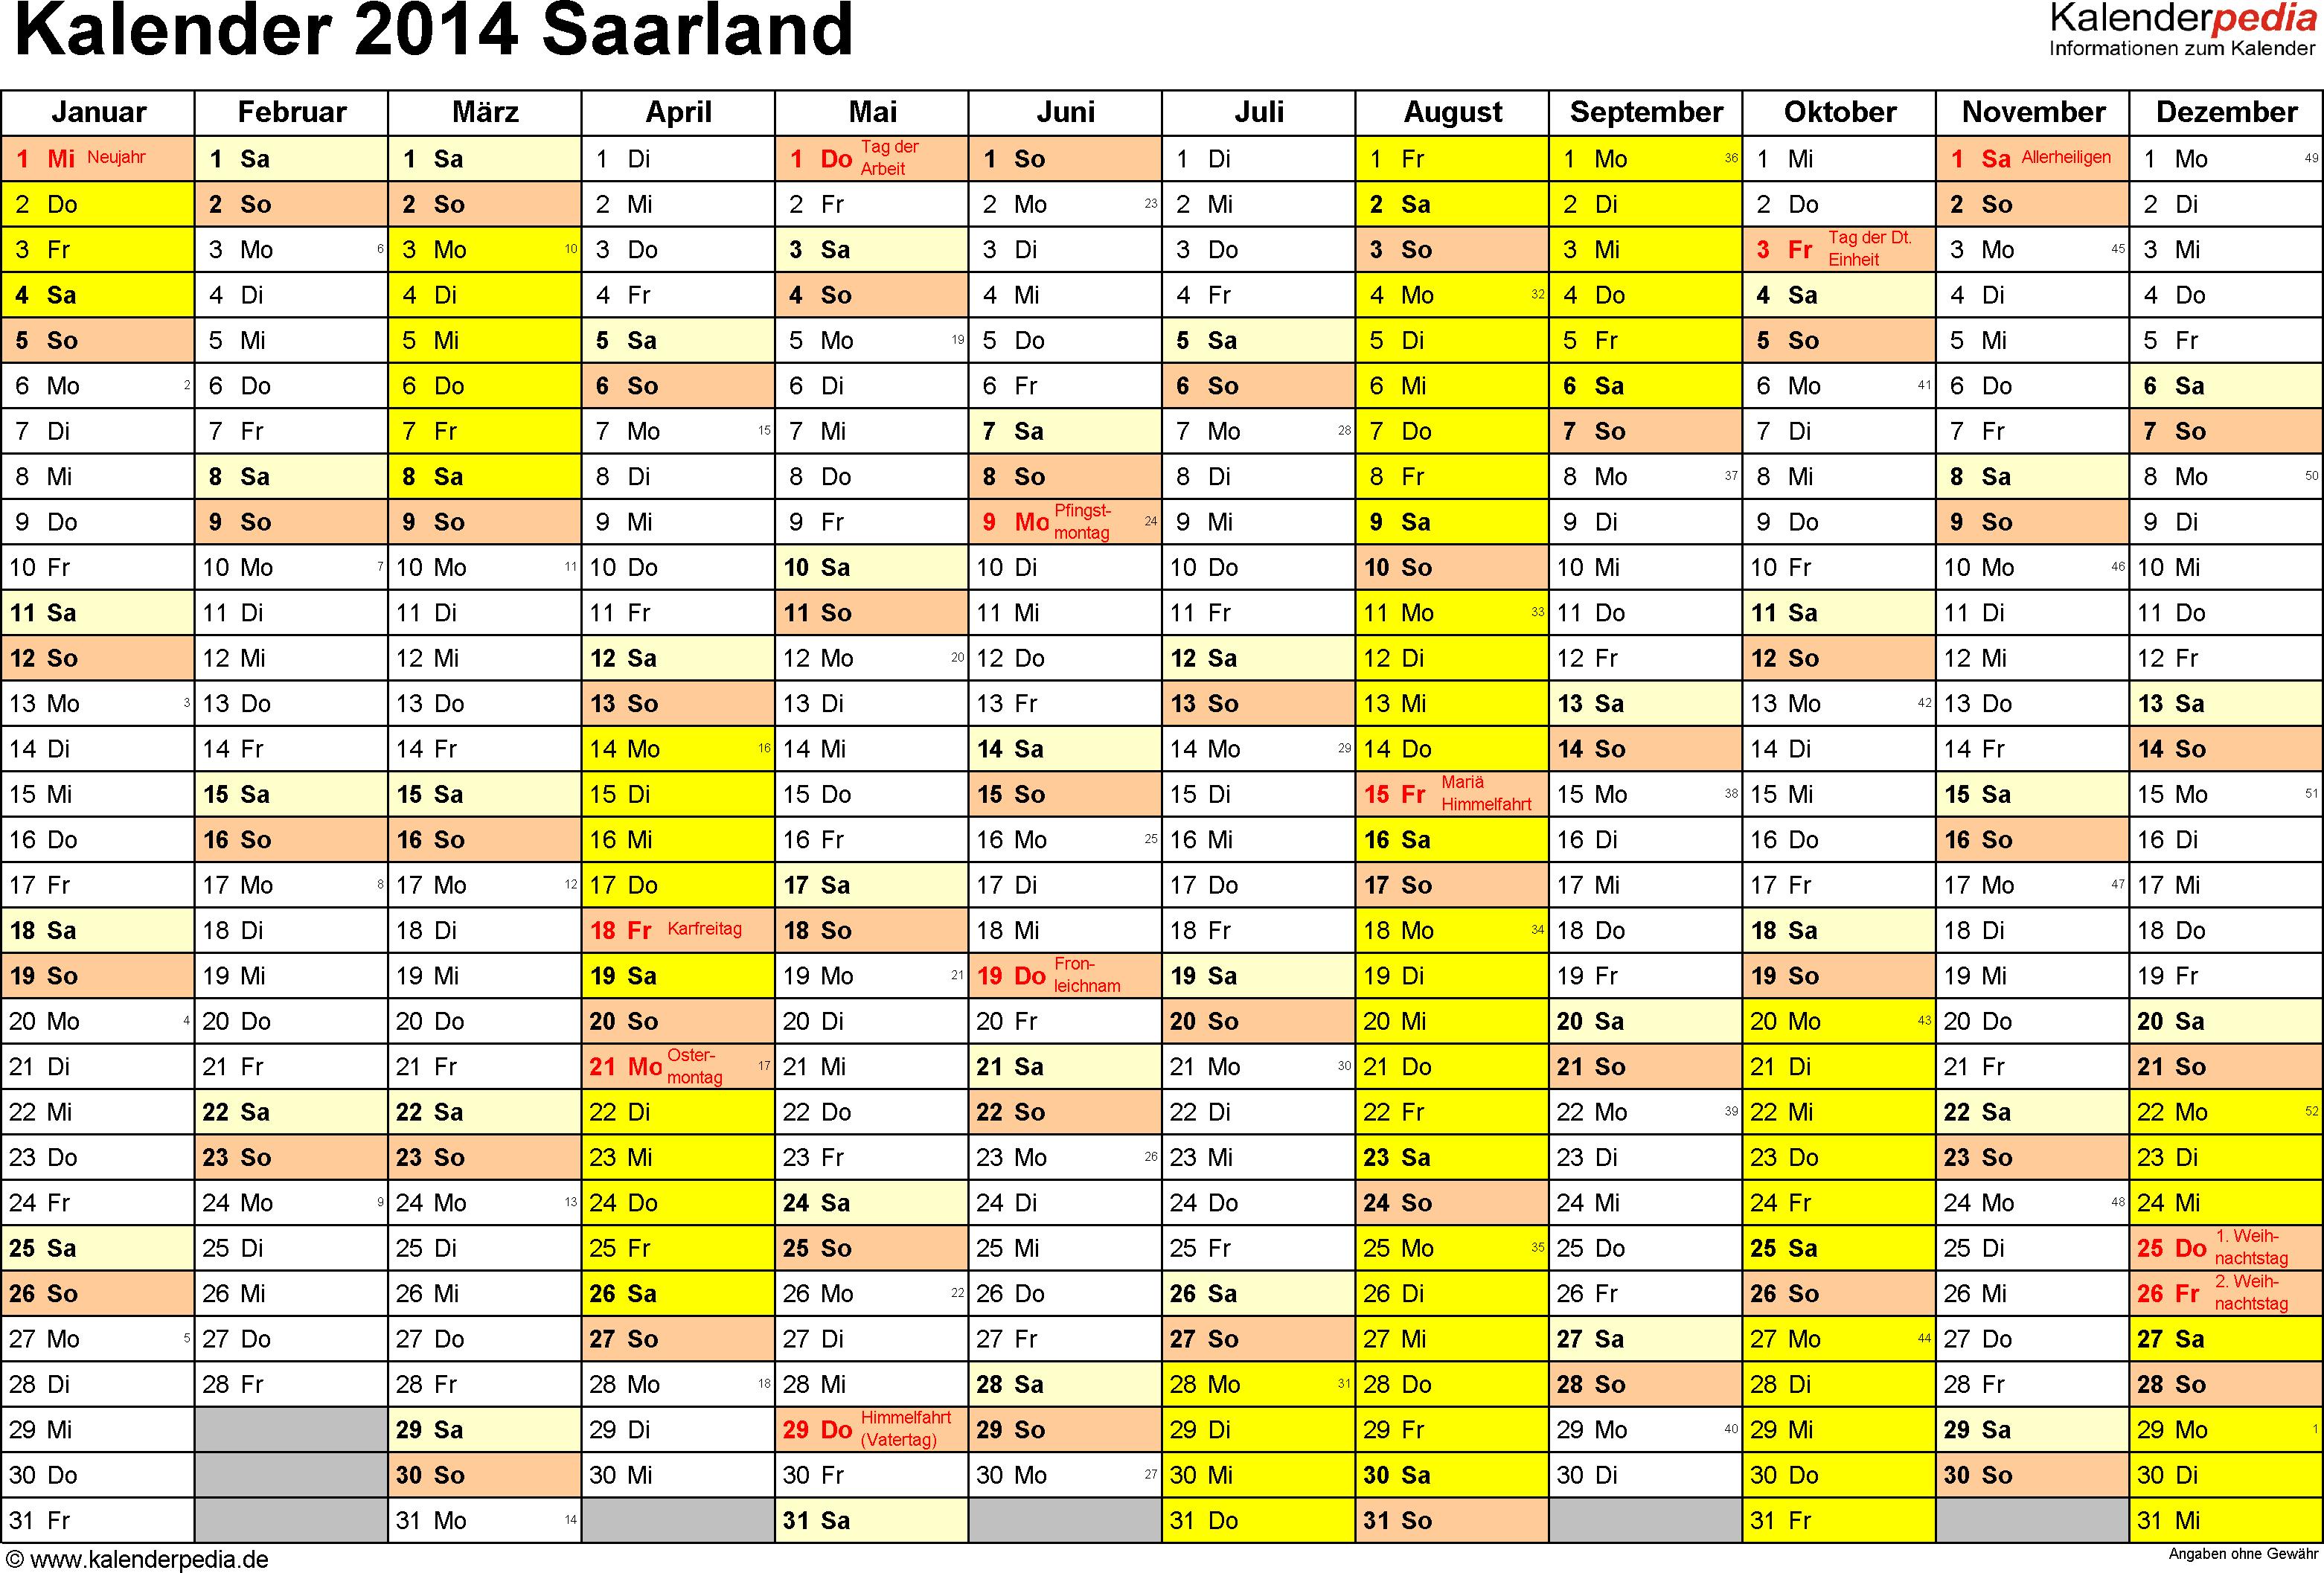 Vorlage 1: Kalender 2014 für Saarland als Excel-Vorlage (Querformat, 1 Seite)